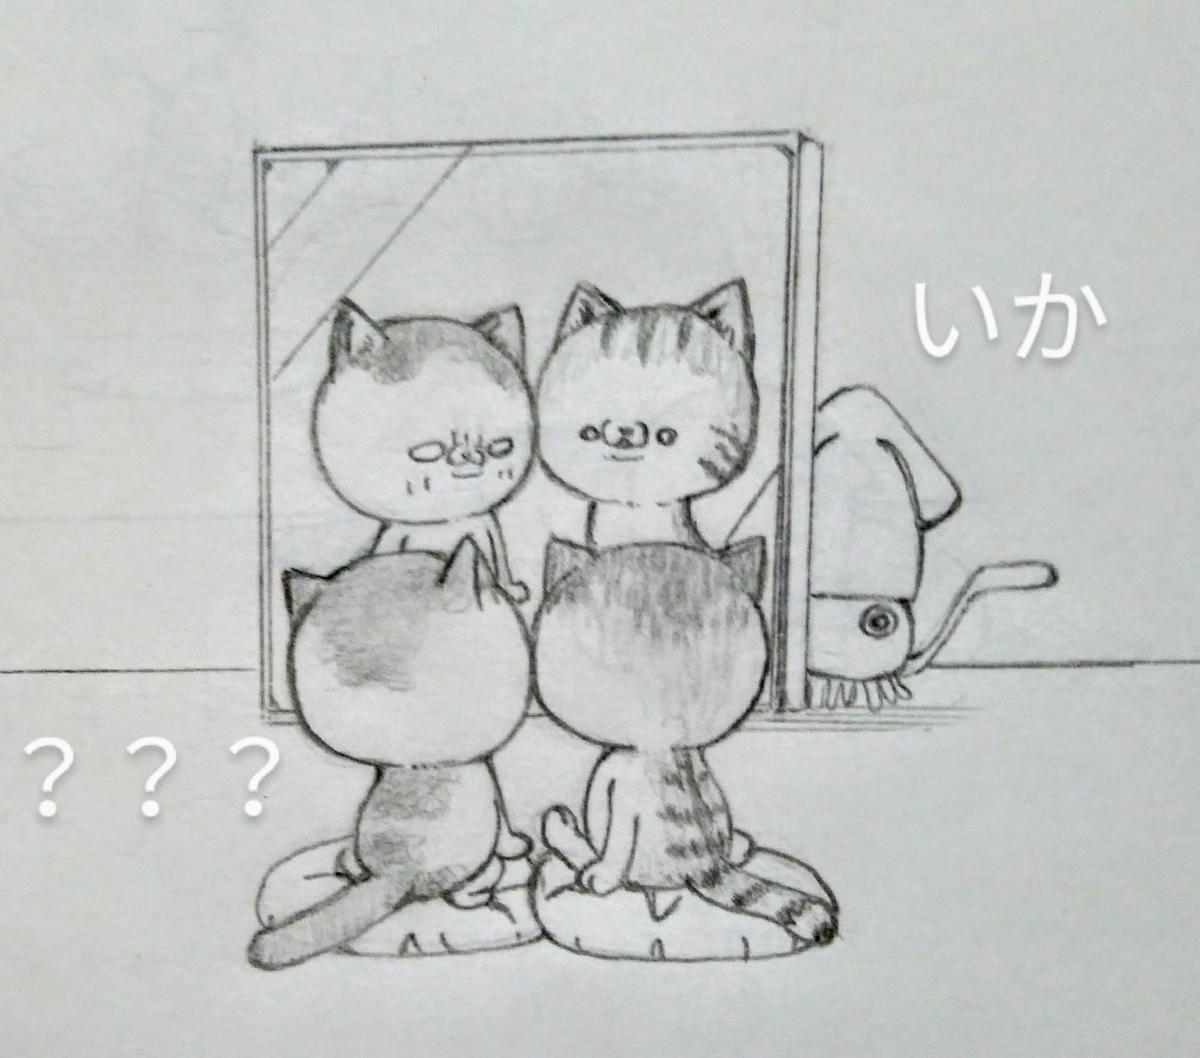 f:id:maricats:20200713214223j:plain